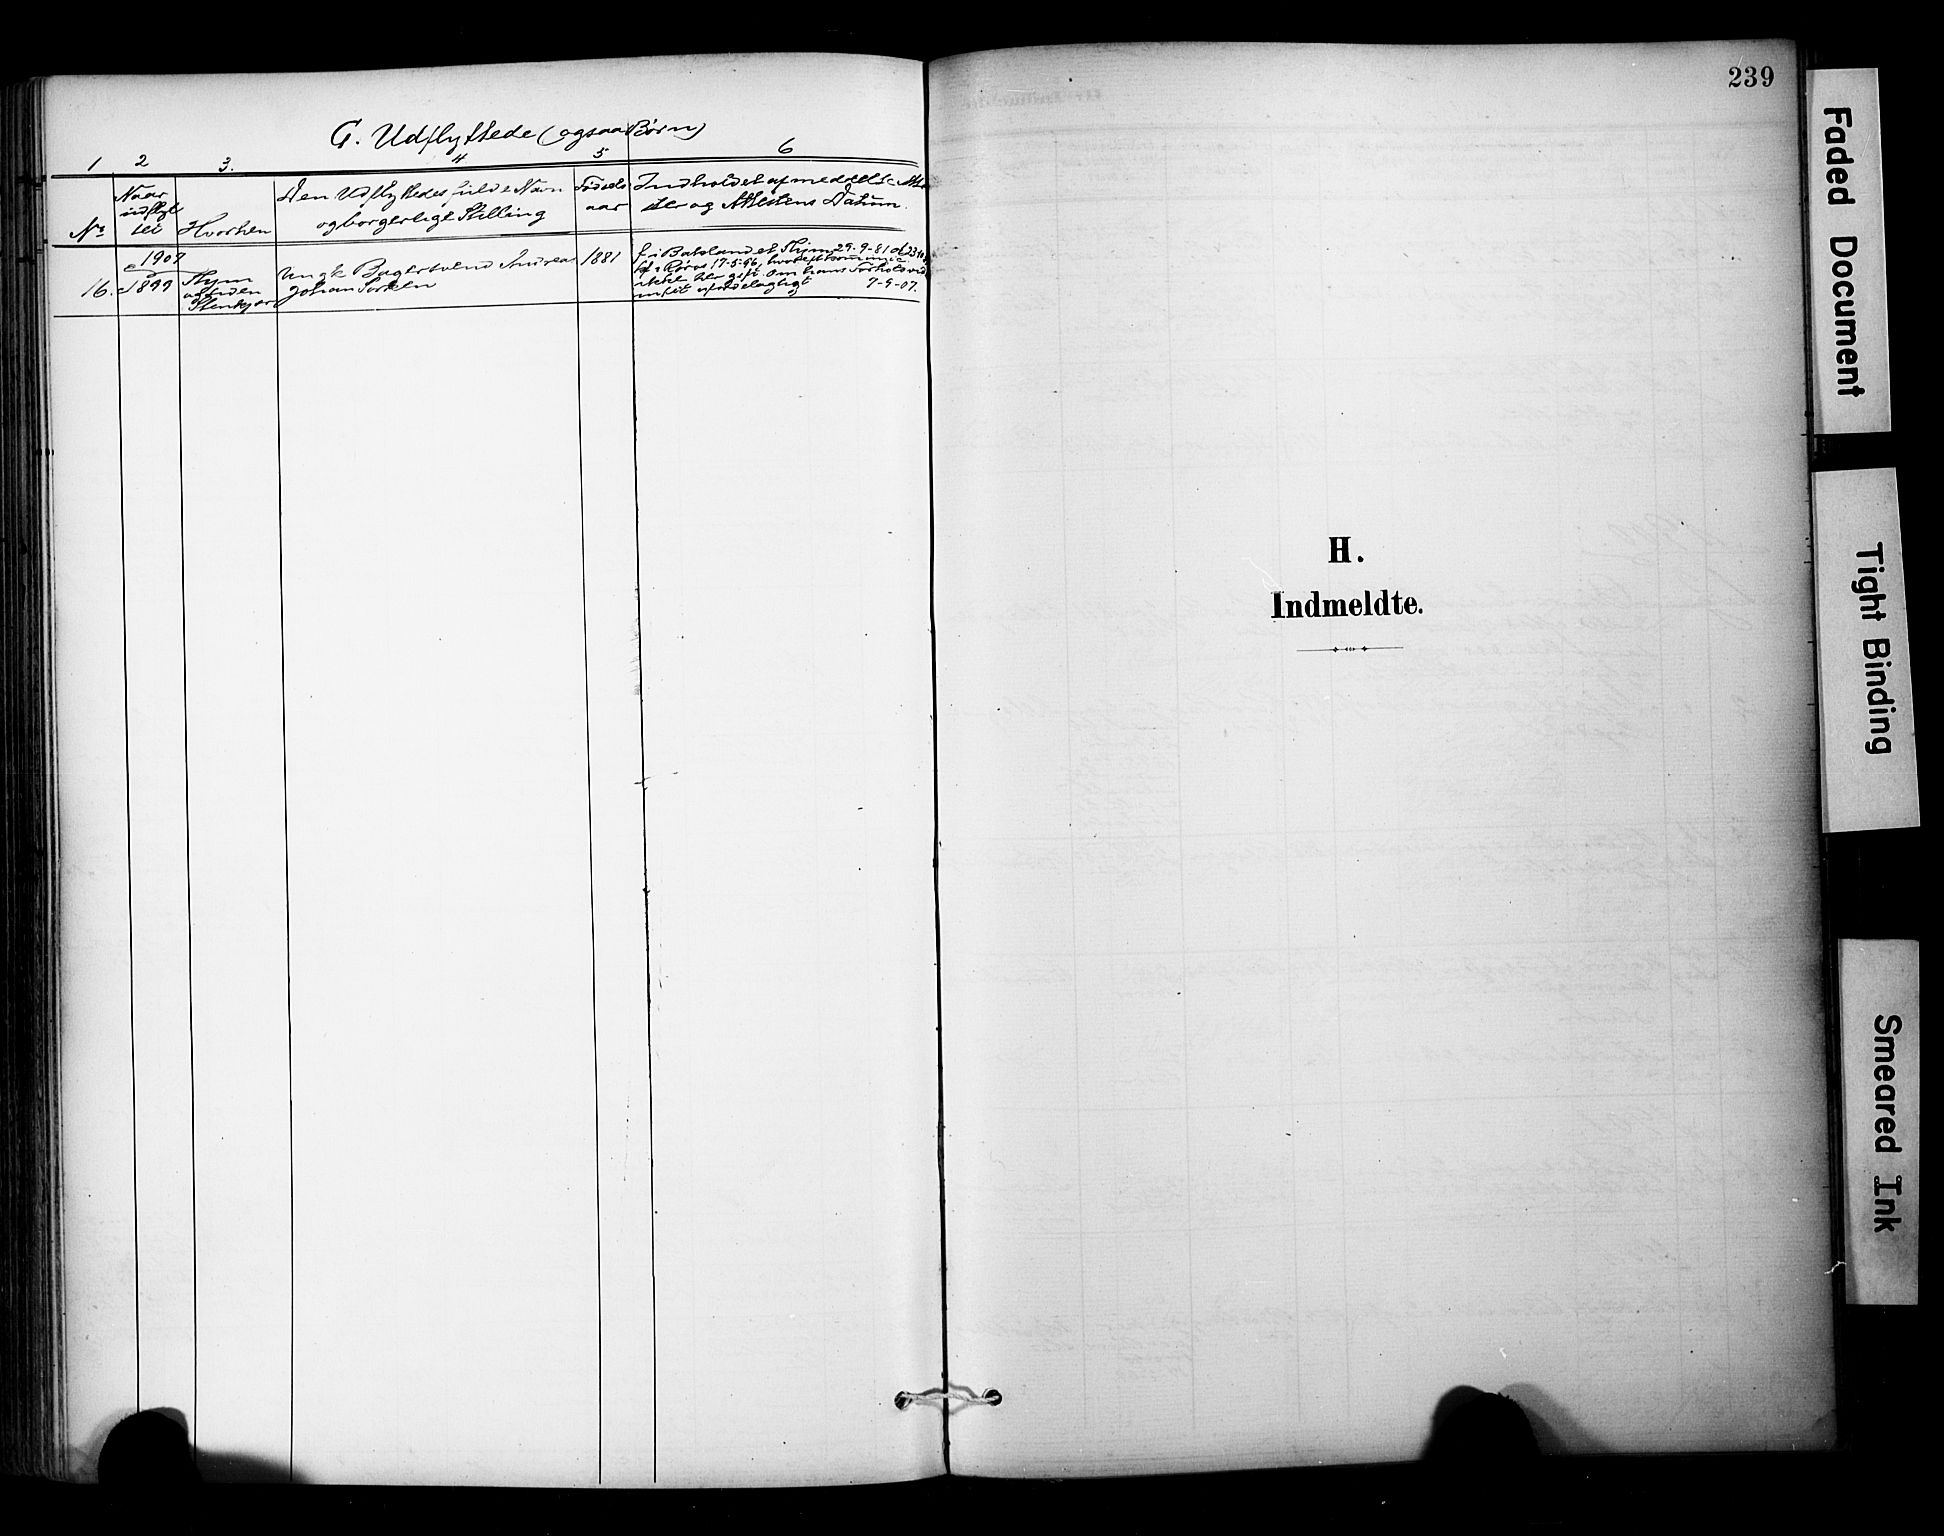 SAT, Ministerialprotokoller, klokkerbøker og fødselsregistre - Sør-Trøndelag, 681/L0936: Ministerialbok nr. 681A14, 1899-1908, s. 239